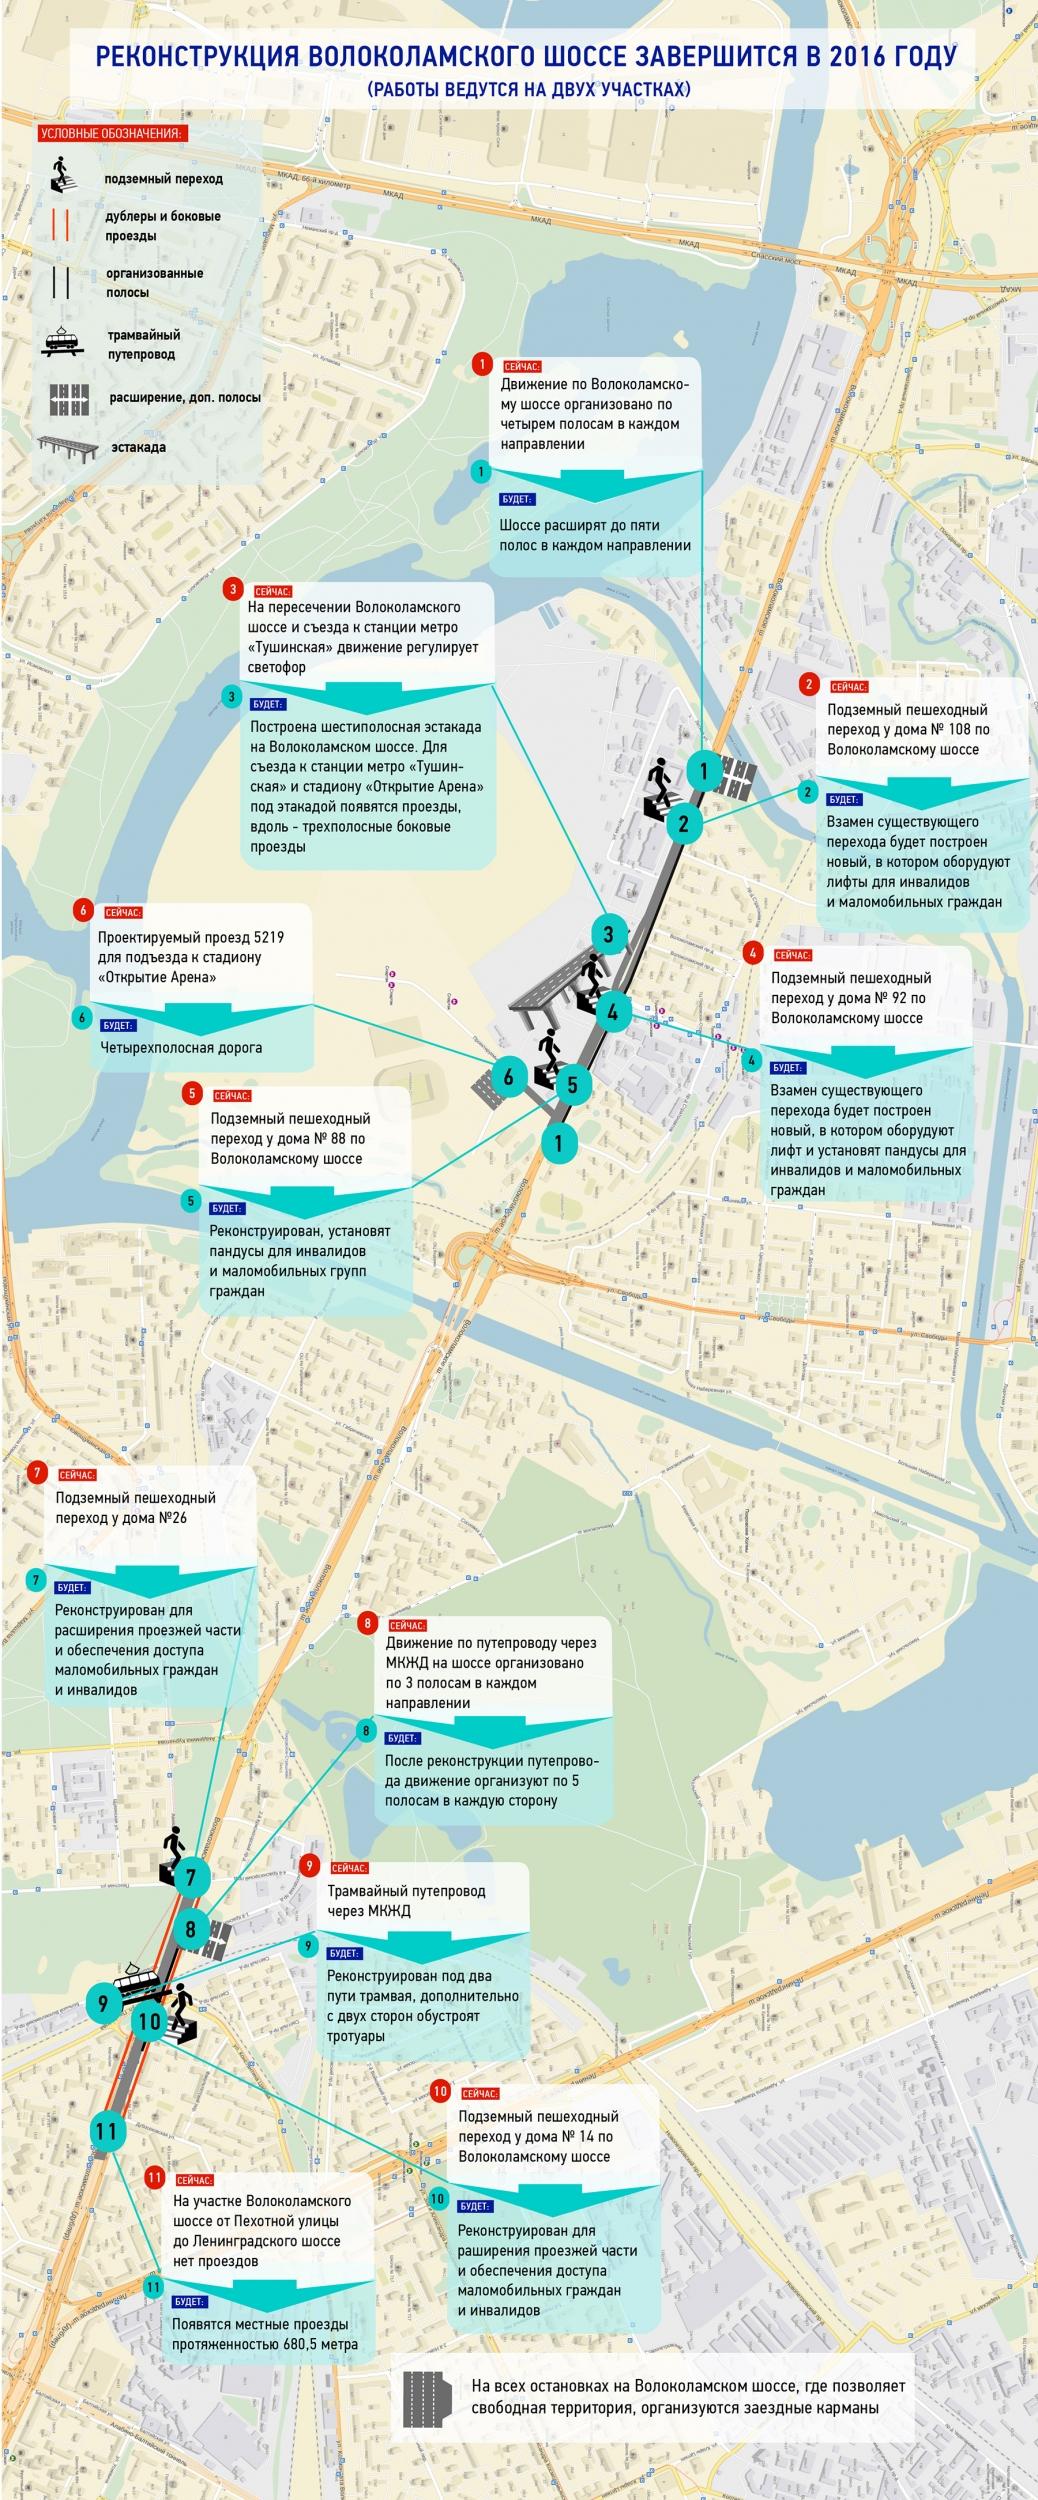 Карта реконструкции Волоколамского шоссе опубликована на Портале Стройкомплекса